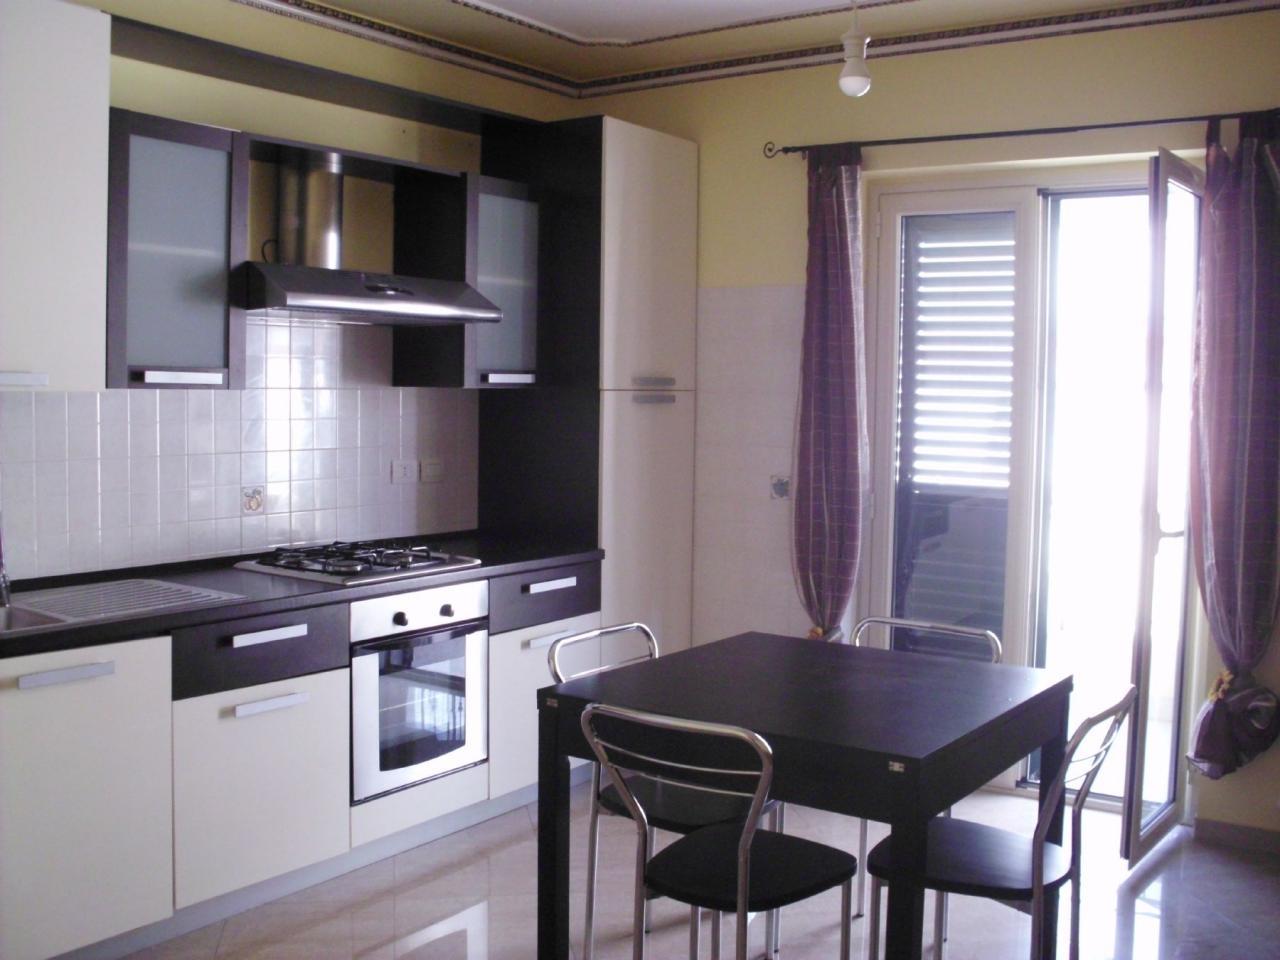 affitto appartamento merì   400 euro  2 locali  60 mq